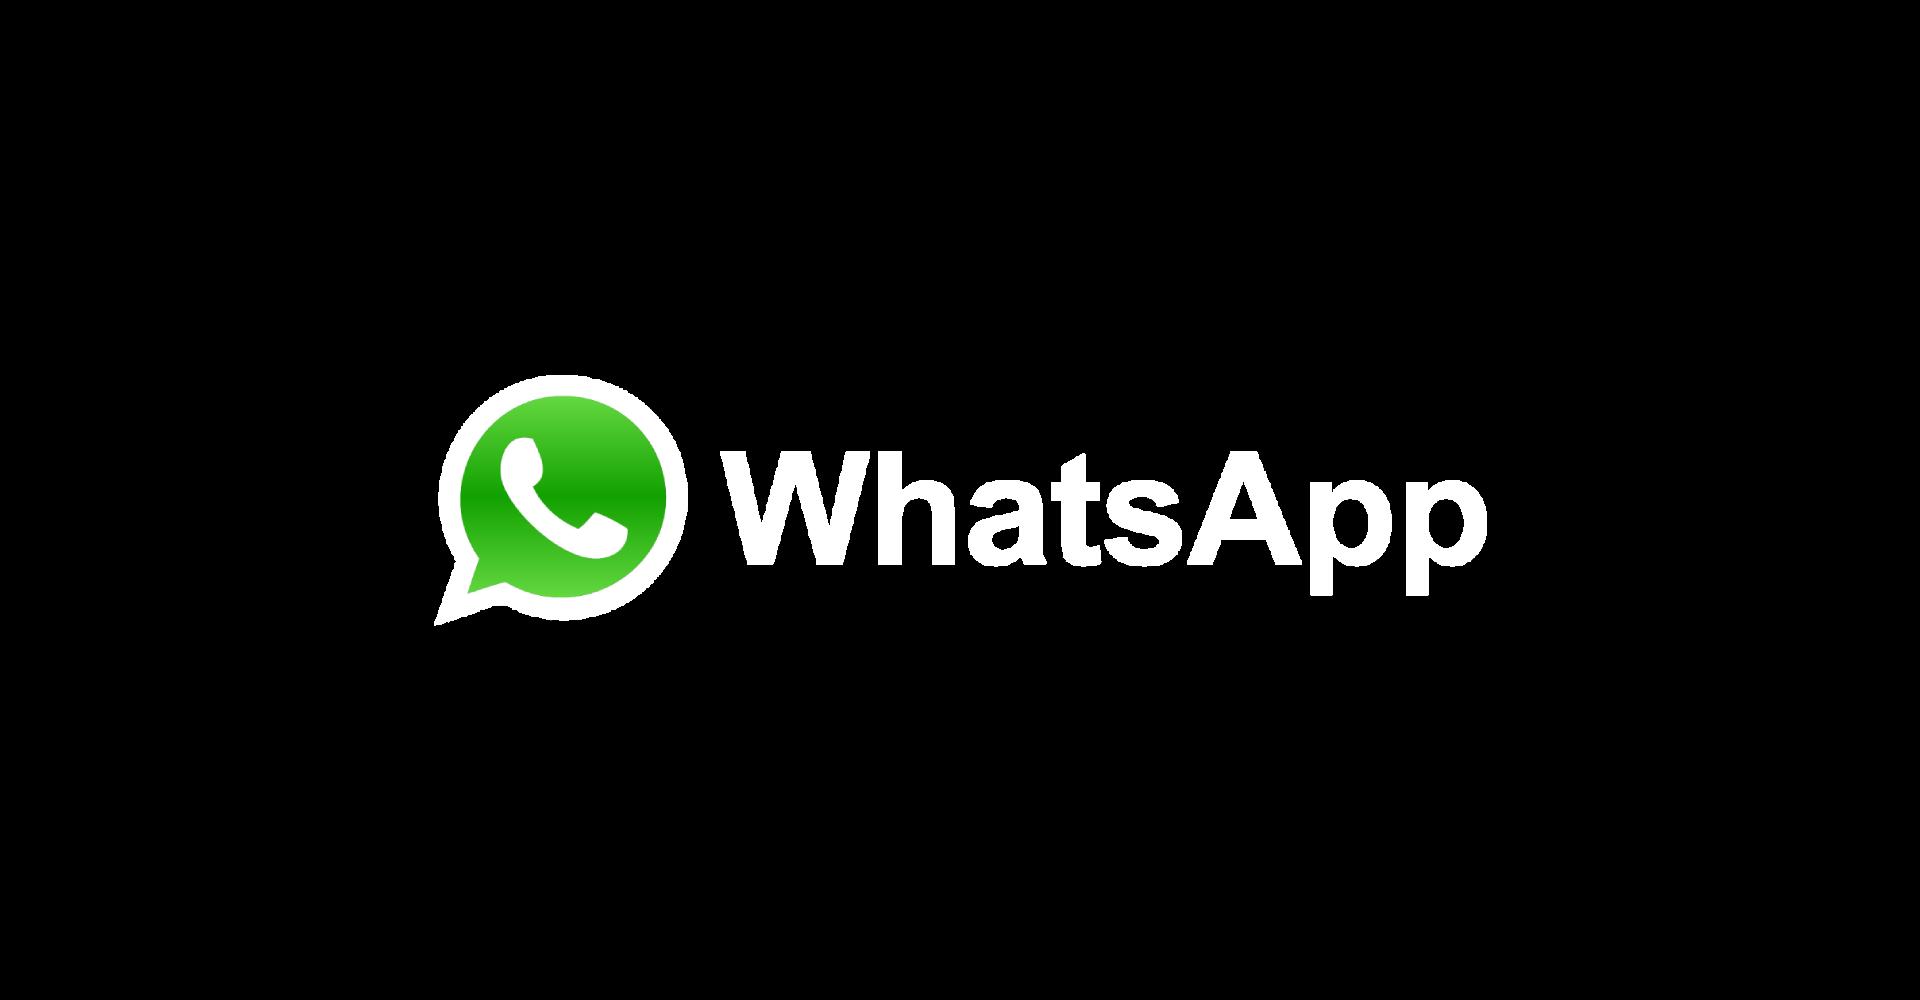 Whatsapp bel logo